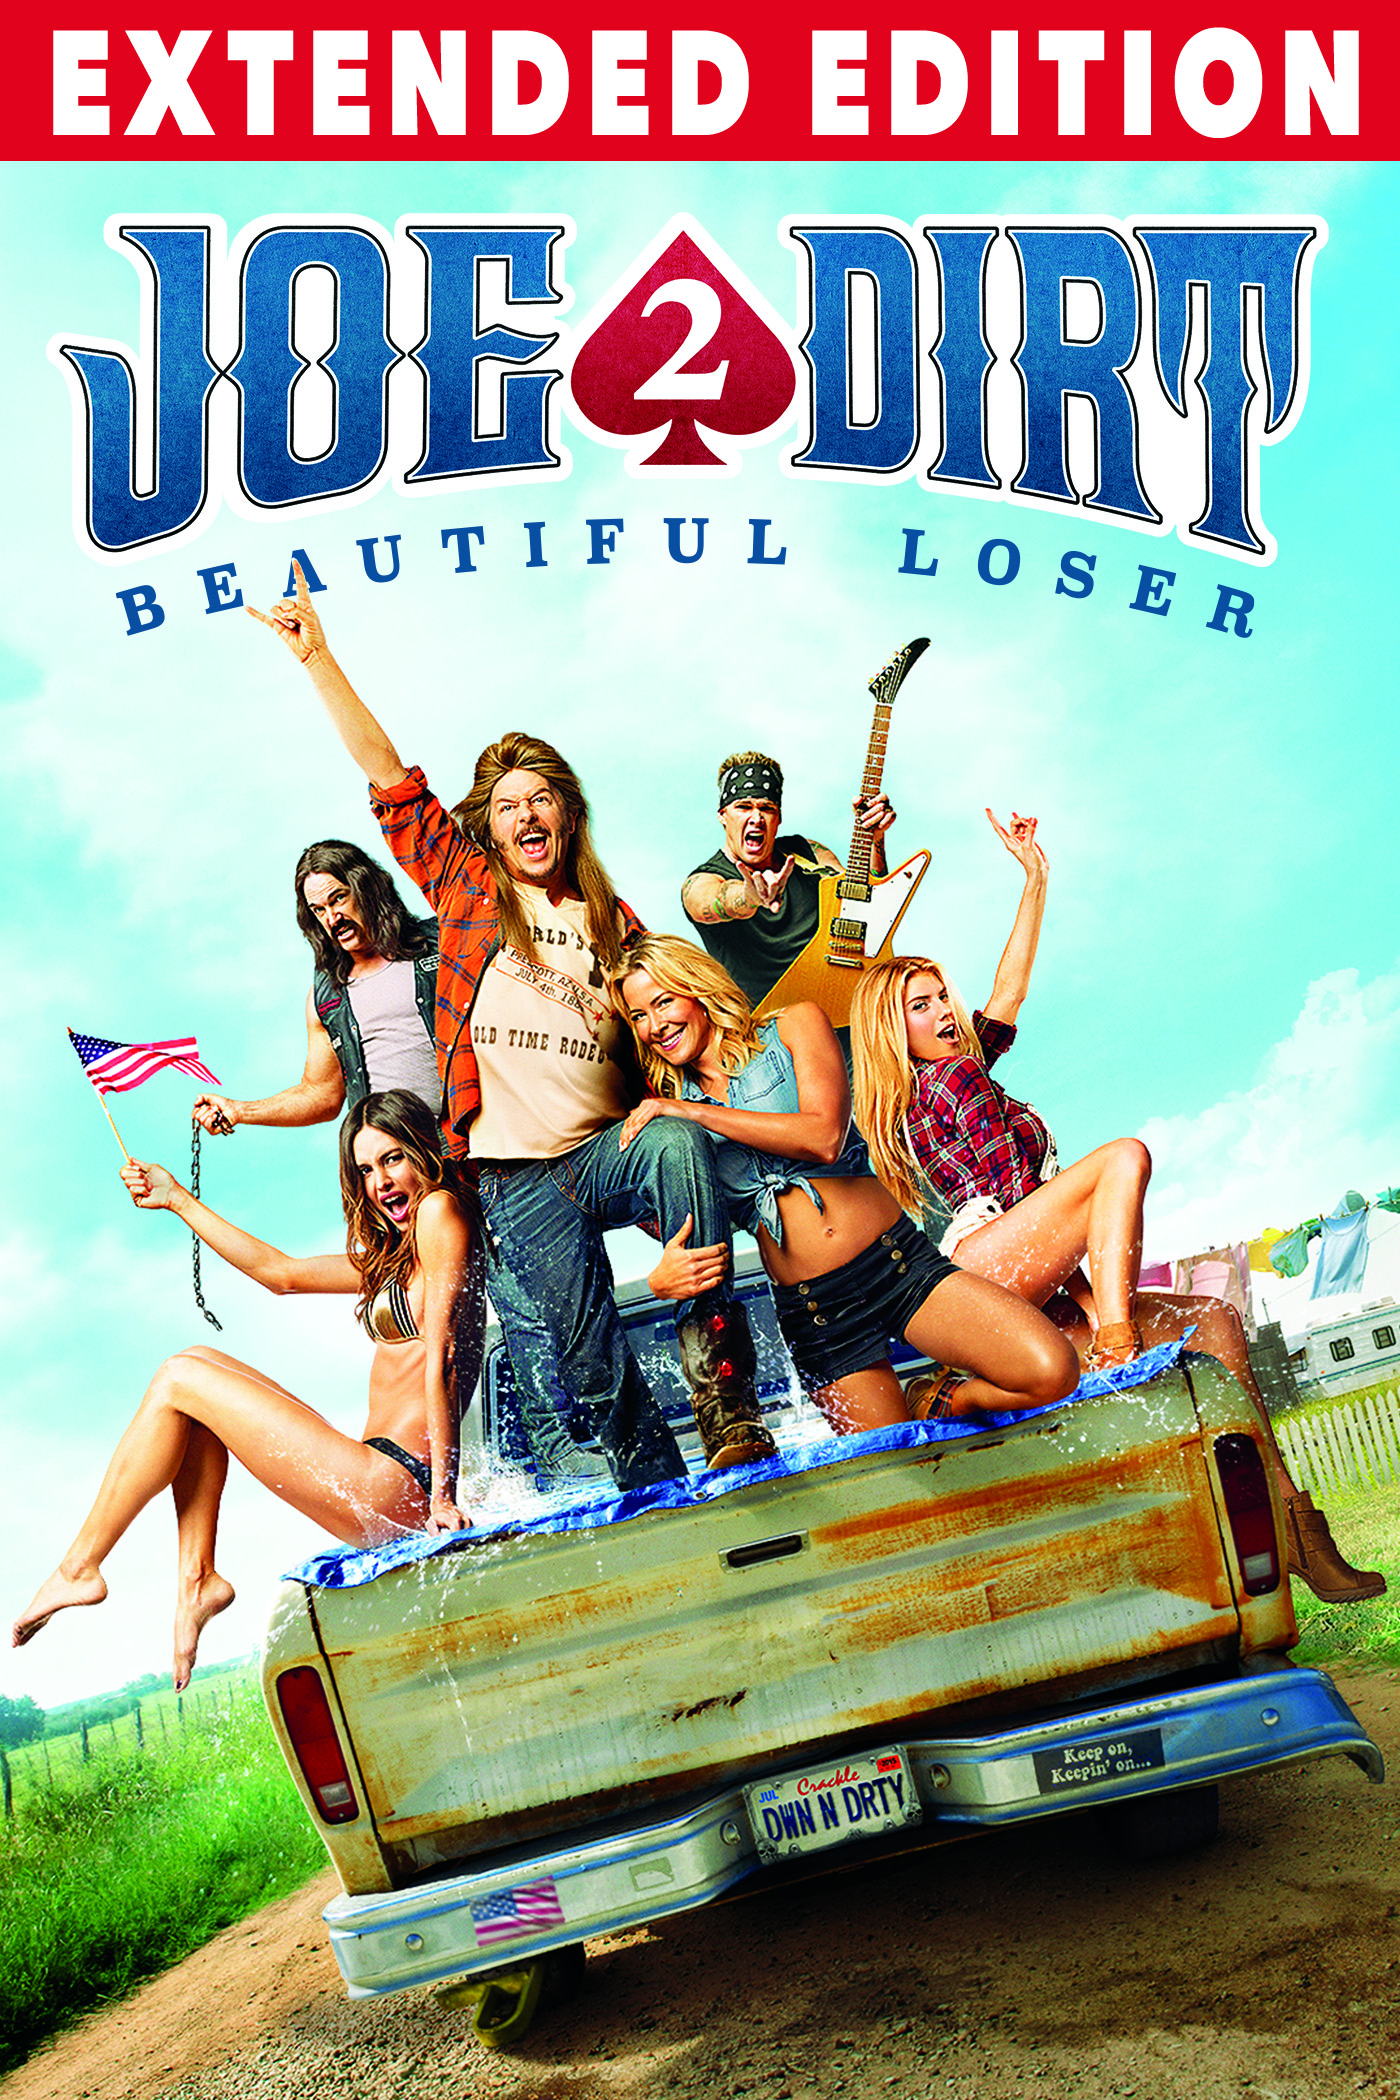 Joe Dirt 2: Beautiful Loser (Extended)